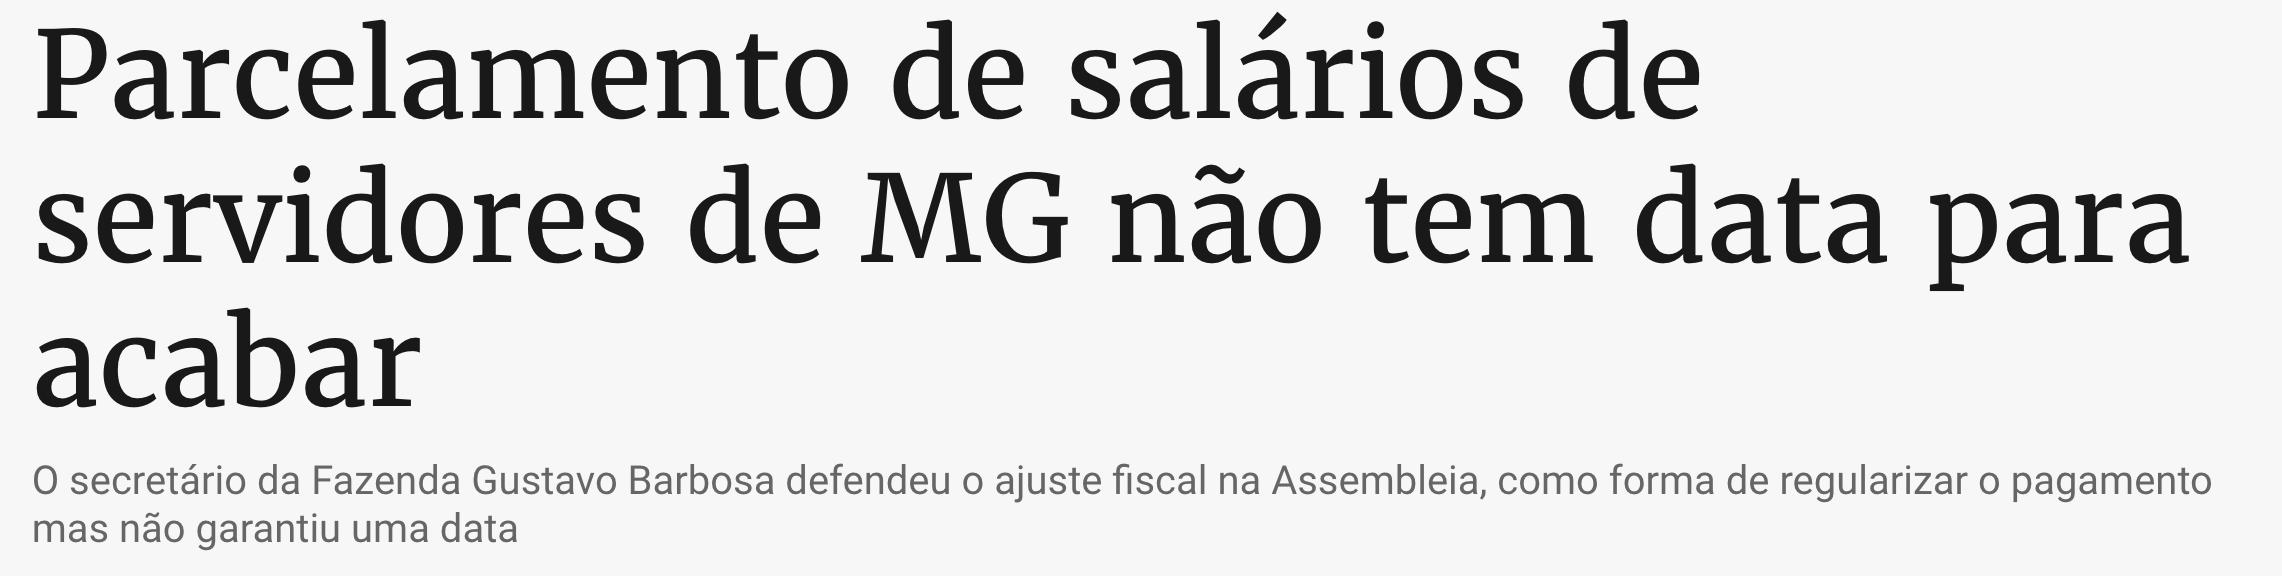 parcelamento salário servidores mg